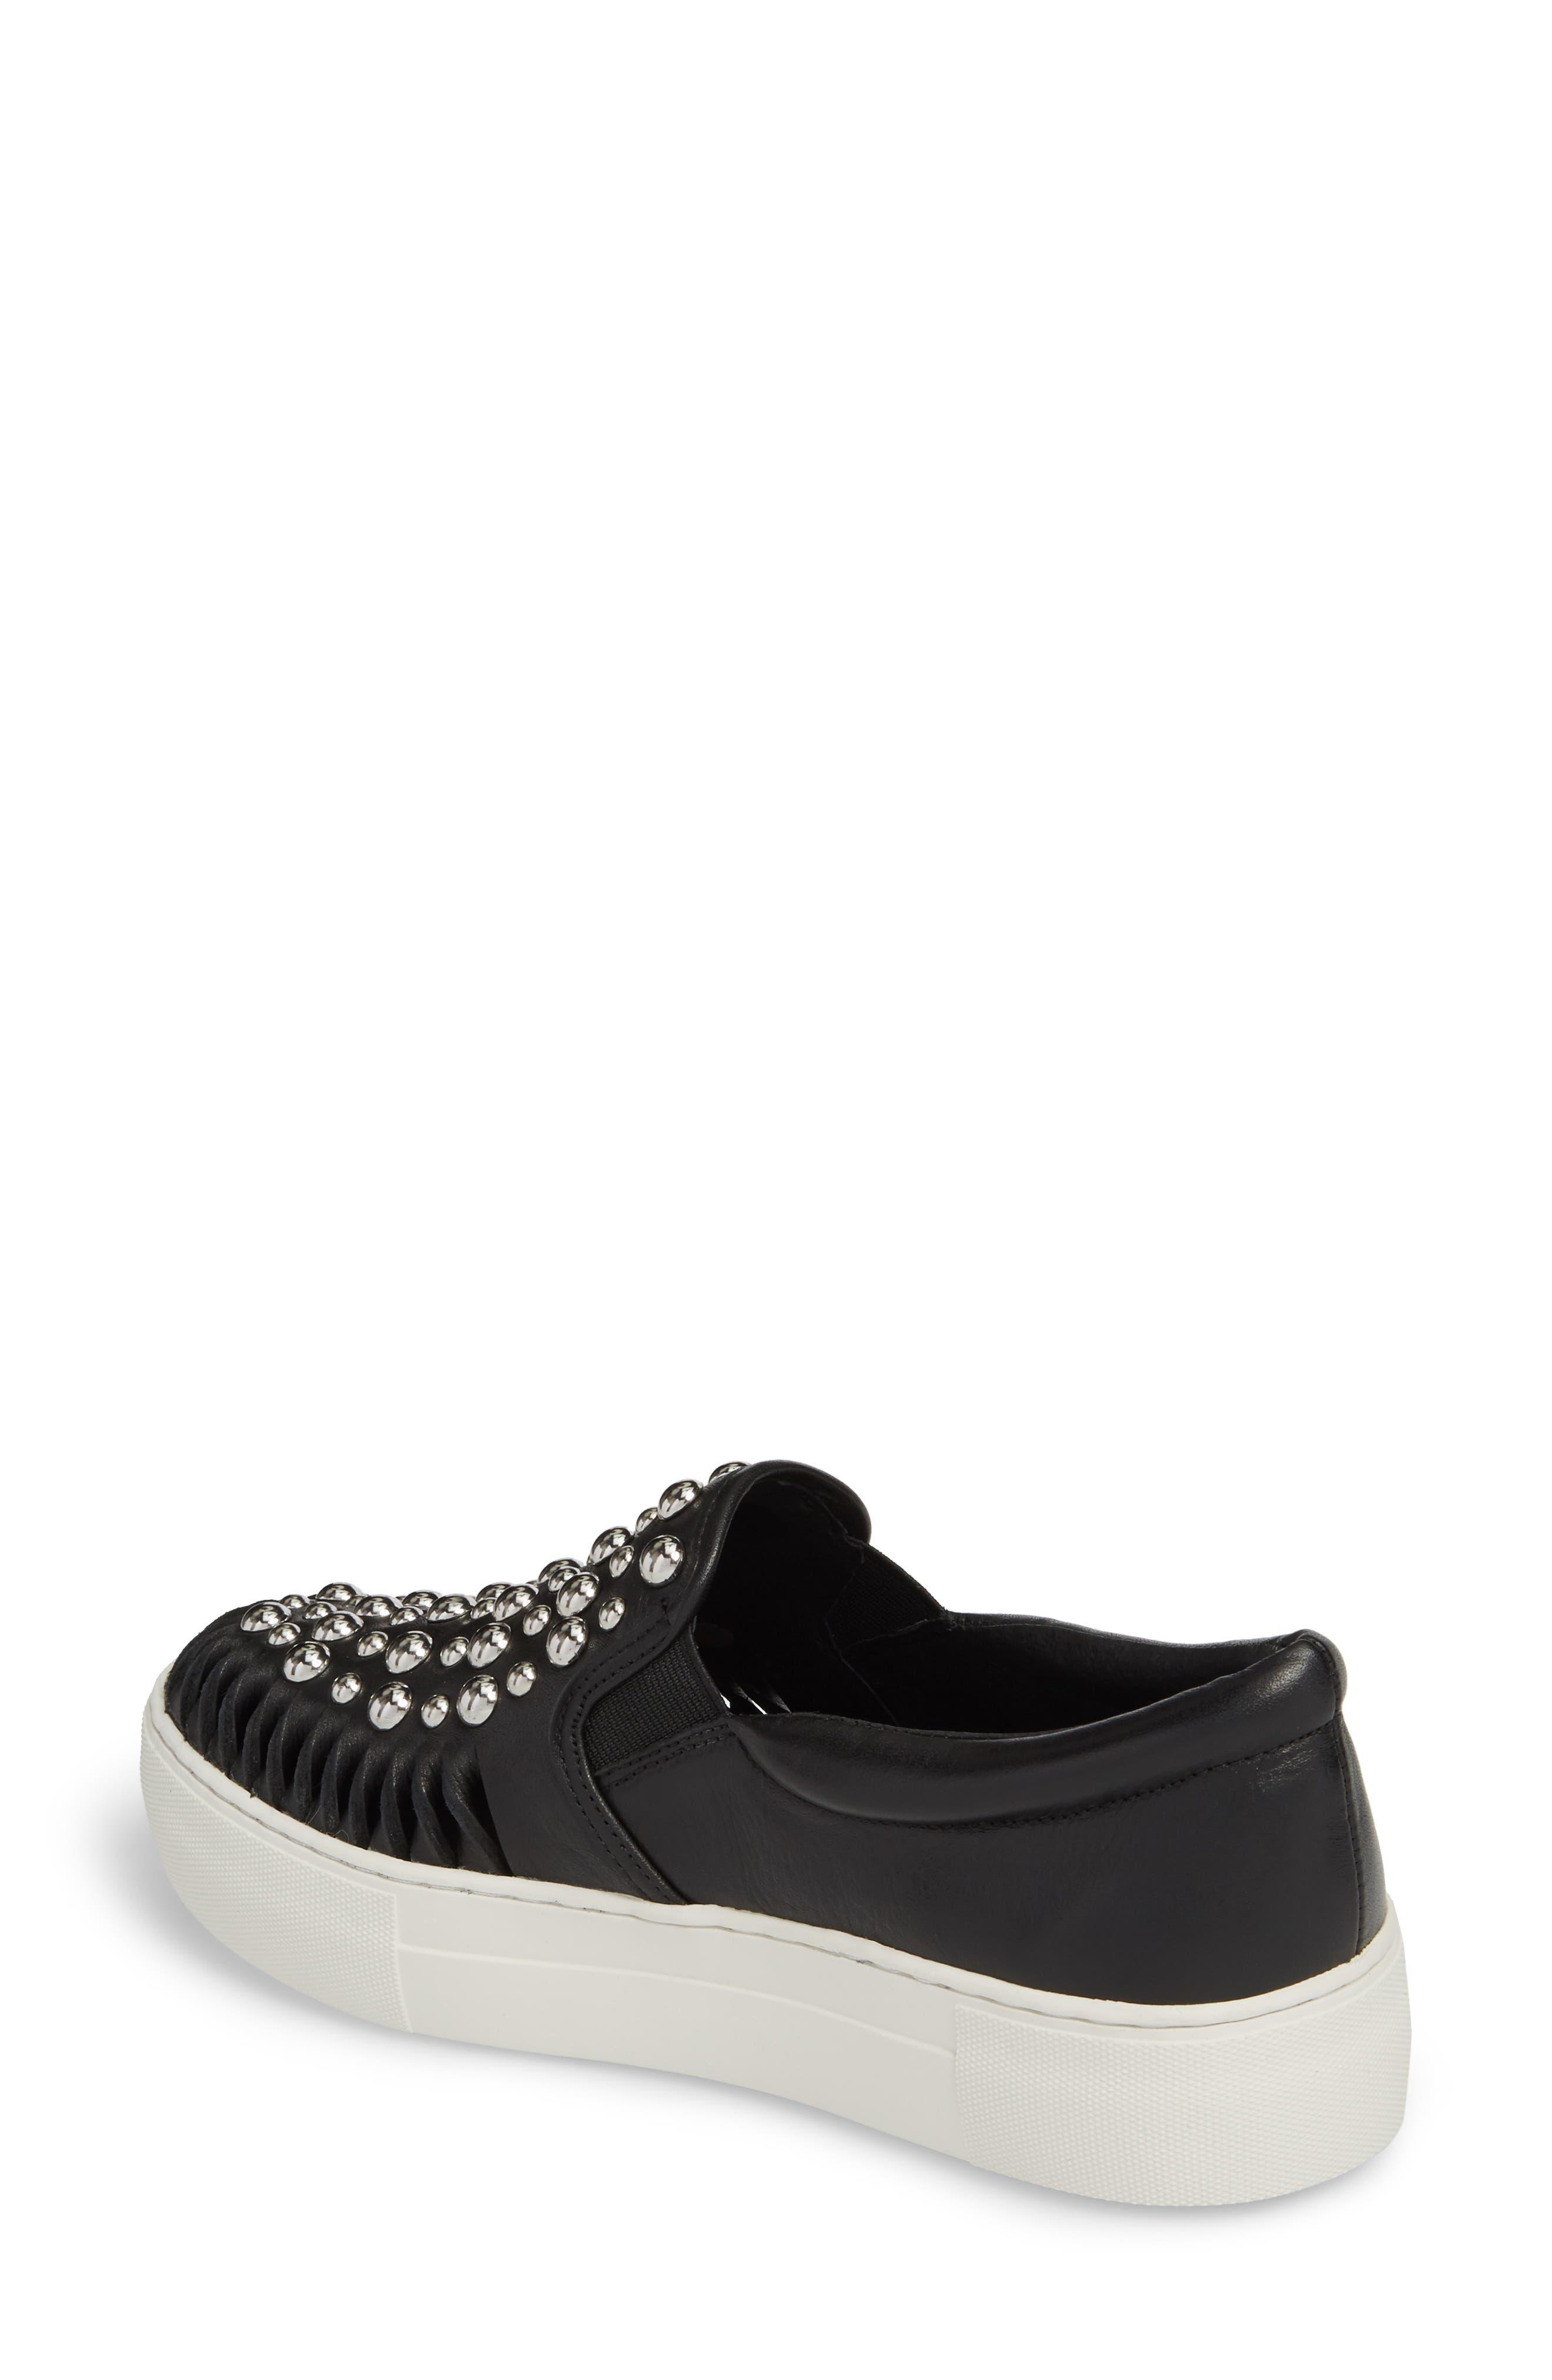 Alternate Image 2  - JSlides AZT Studded Slip-On Sneaker (Women)